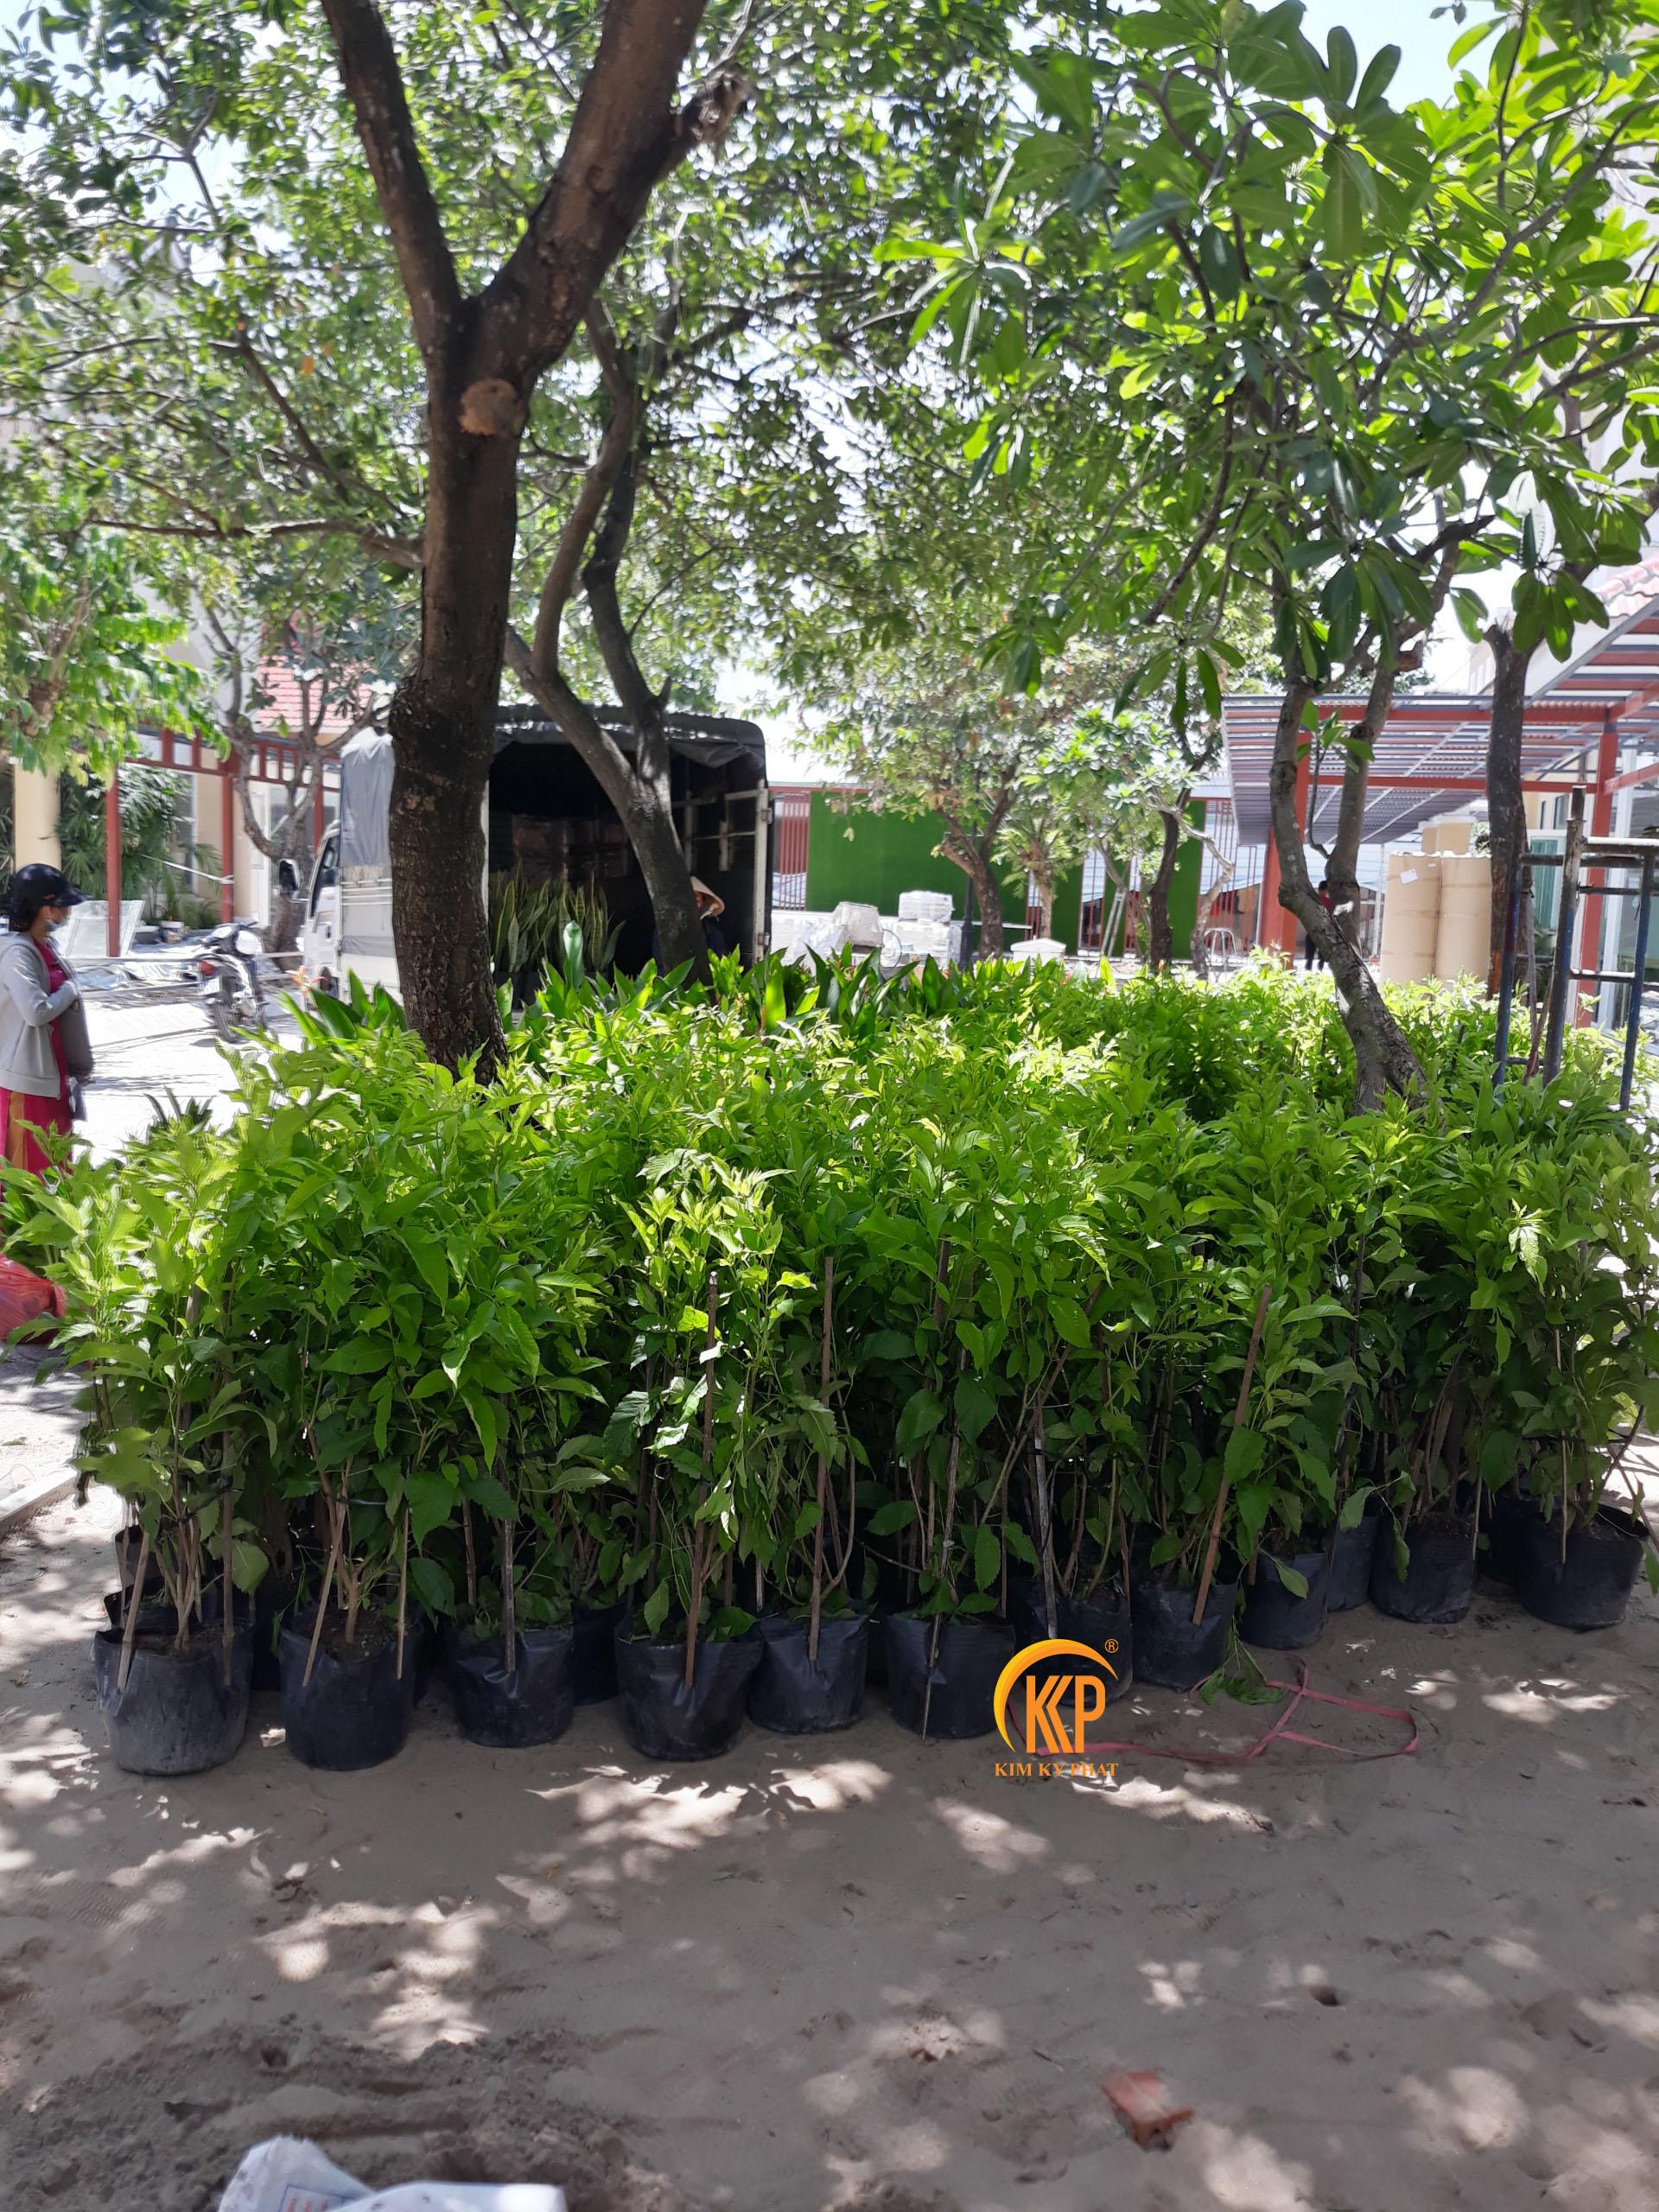 các loại cây xanh và chậu cây cho dự án